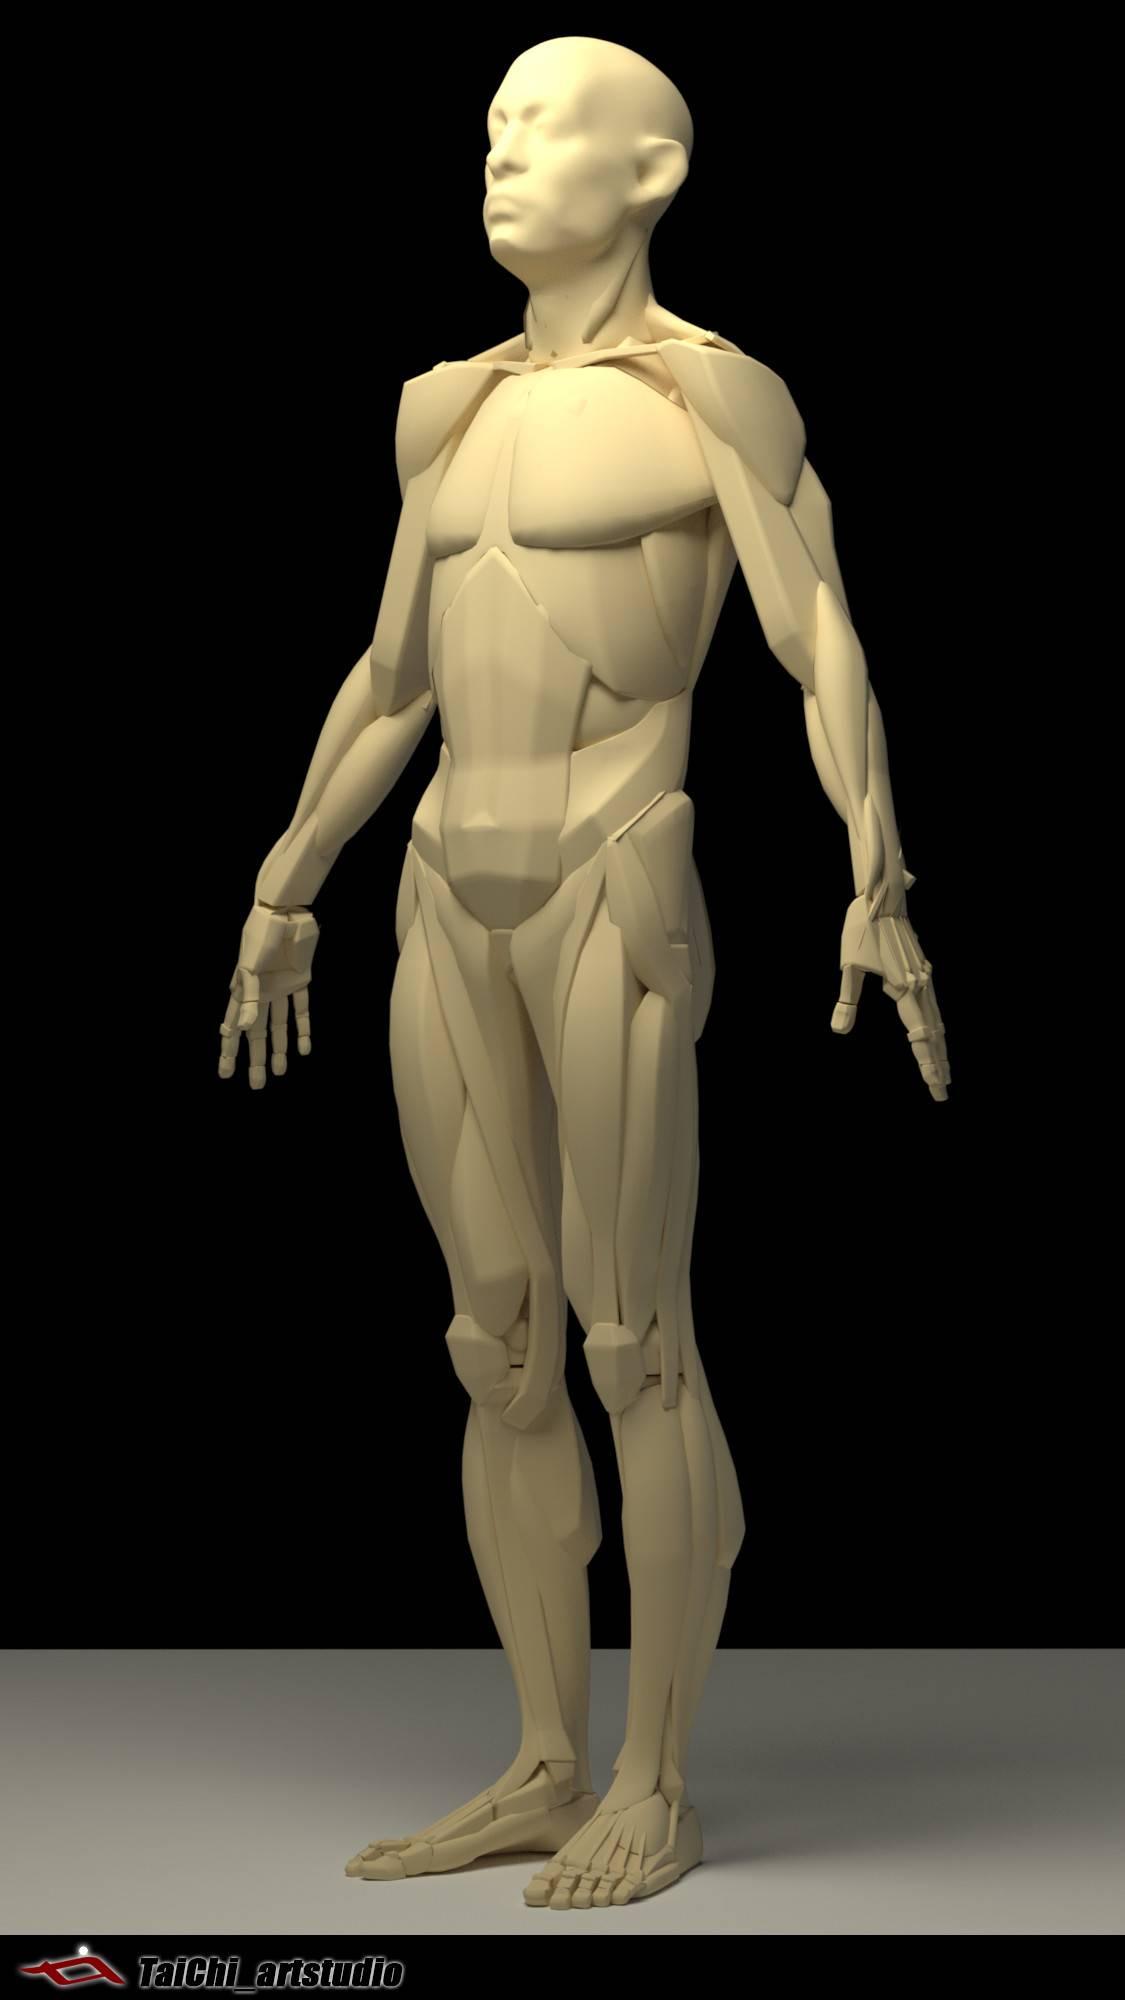 非常不错的人体分面图,美术练习的好东西! - R 站 学习使我快乐! - 18